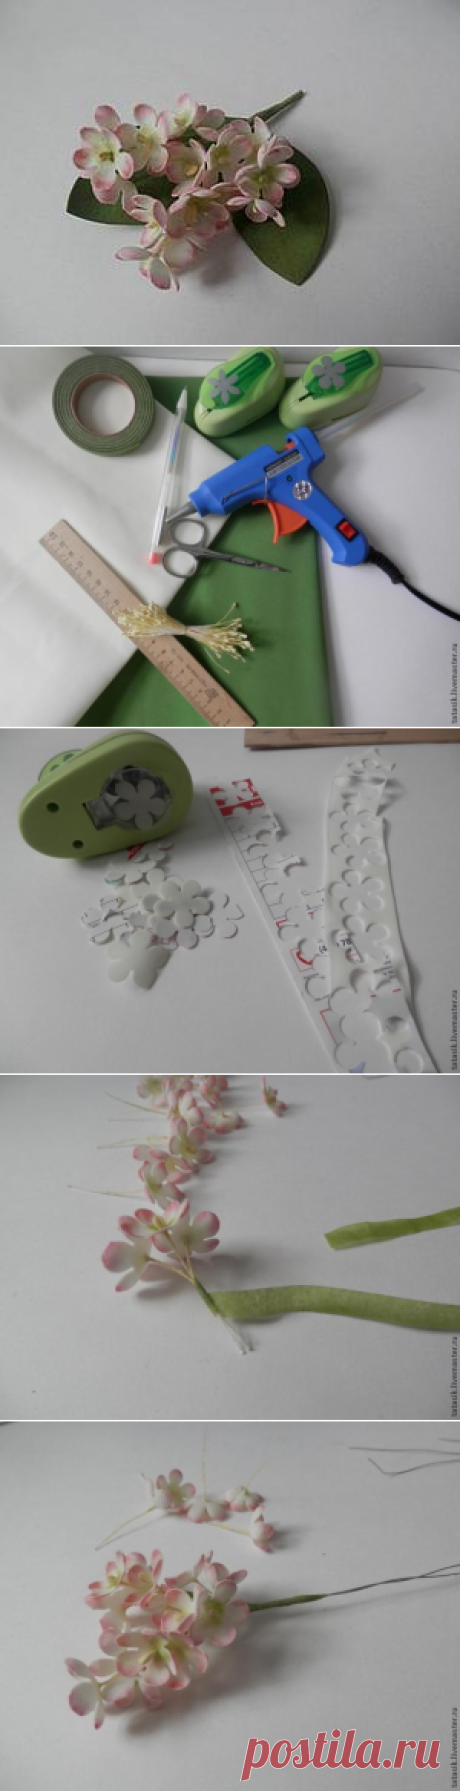 Создаем миниатюрные цветы из фоамирана - Ярмарка Мастеров - ручная работа, handmade